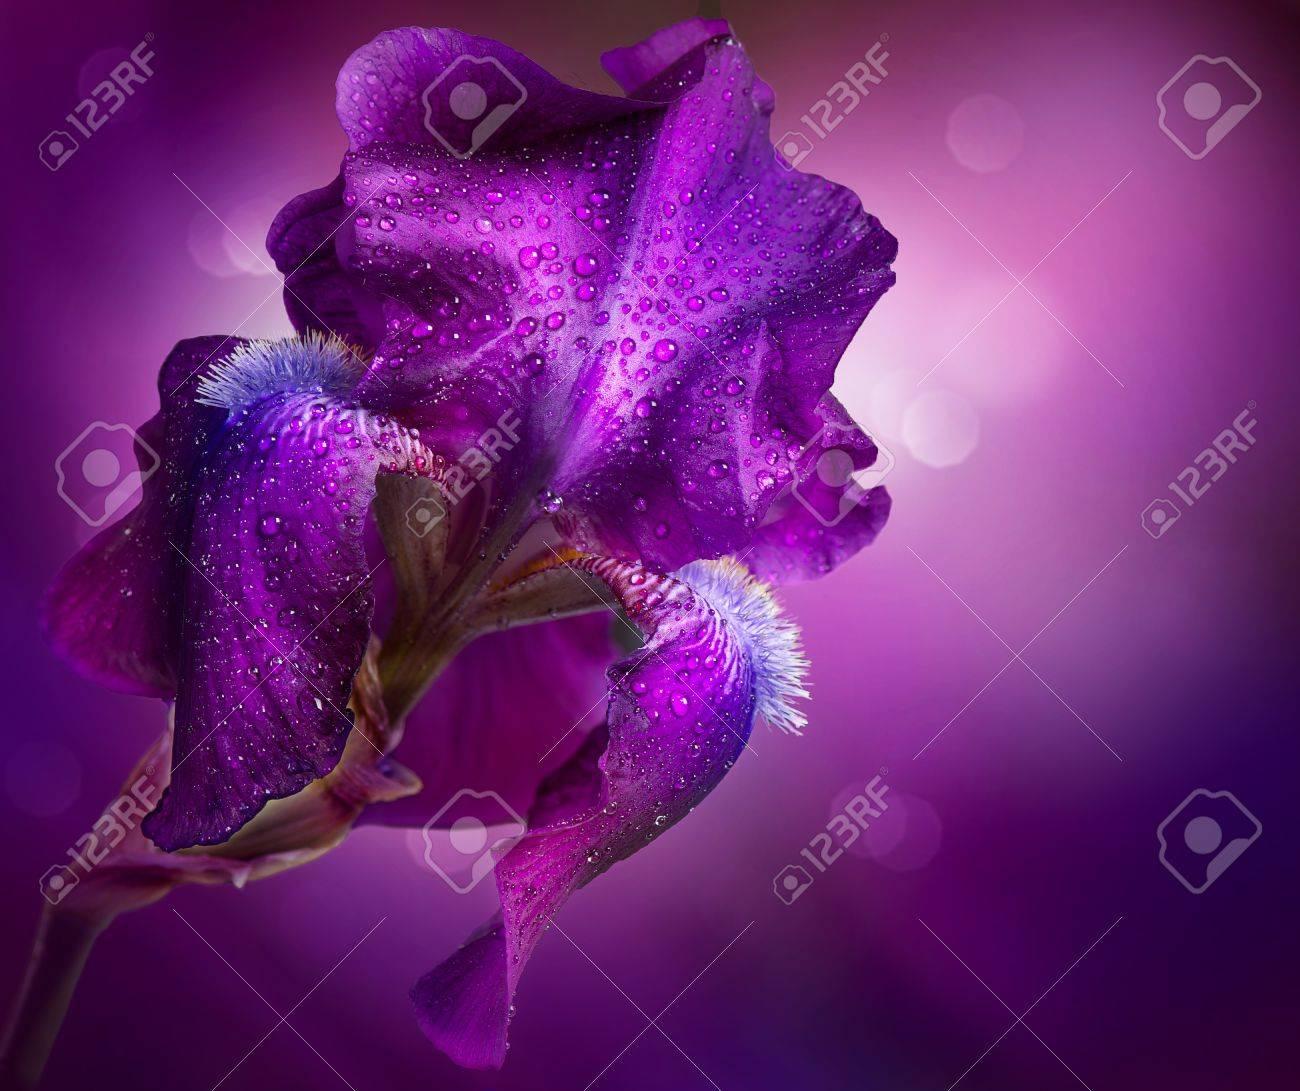 Iris Blumen Kunst Design Schone Violette Blume Lizenzfreie Fotos Bilder Und Stock Fotografie Image 19978913